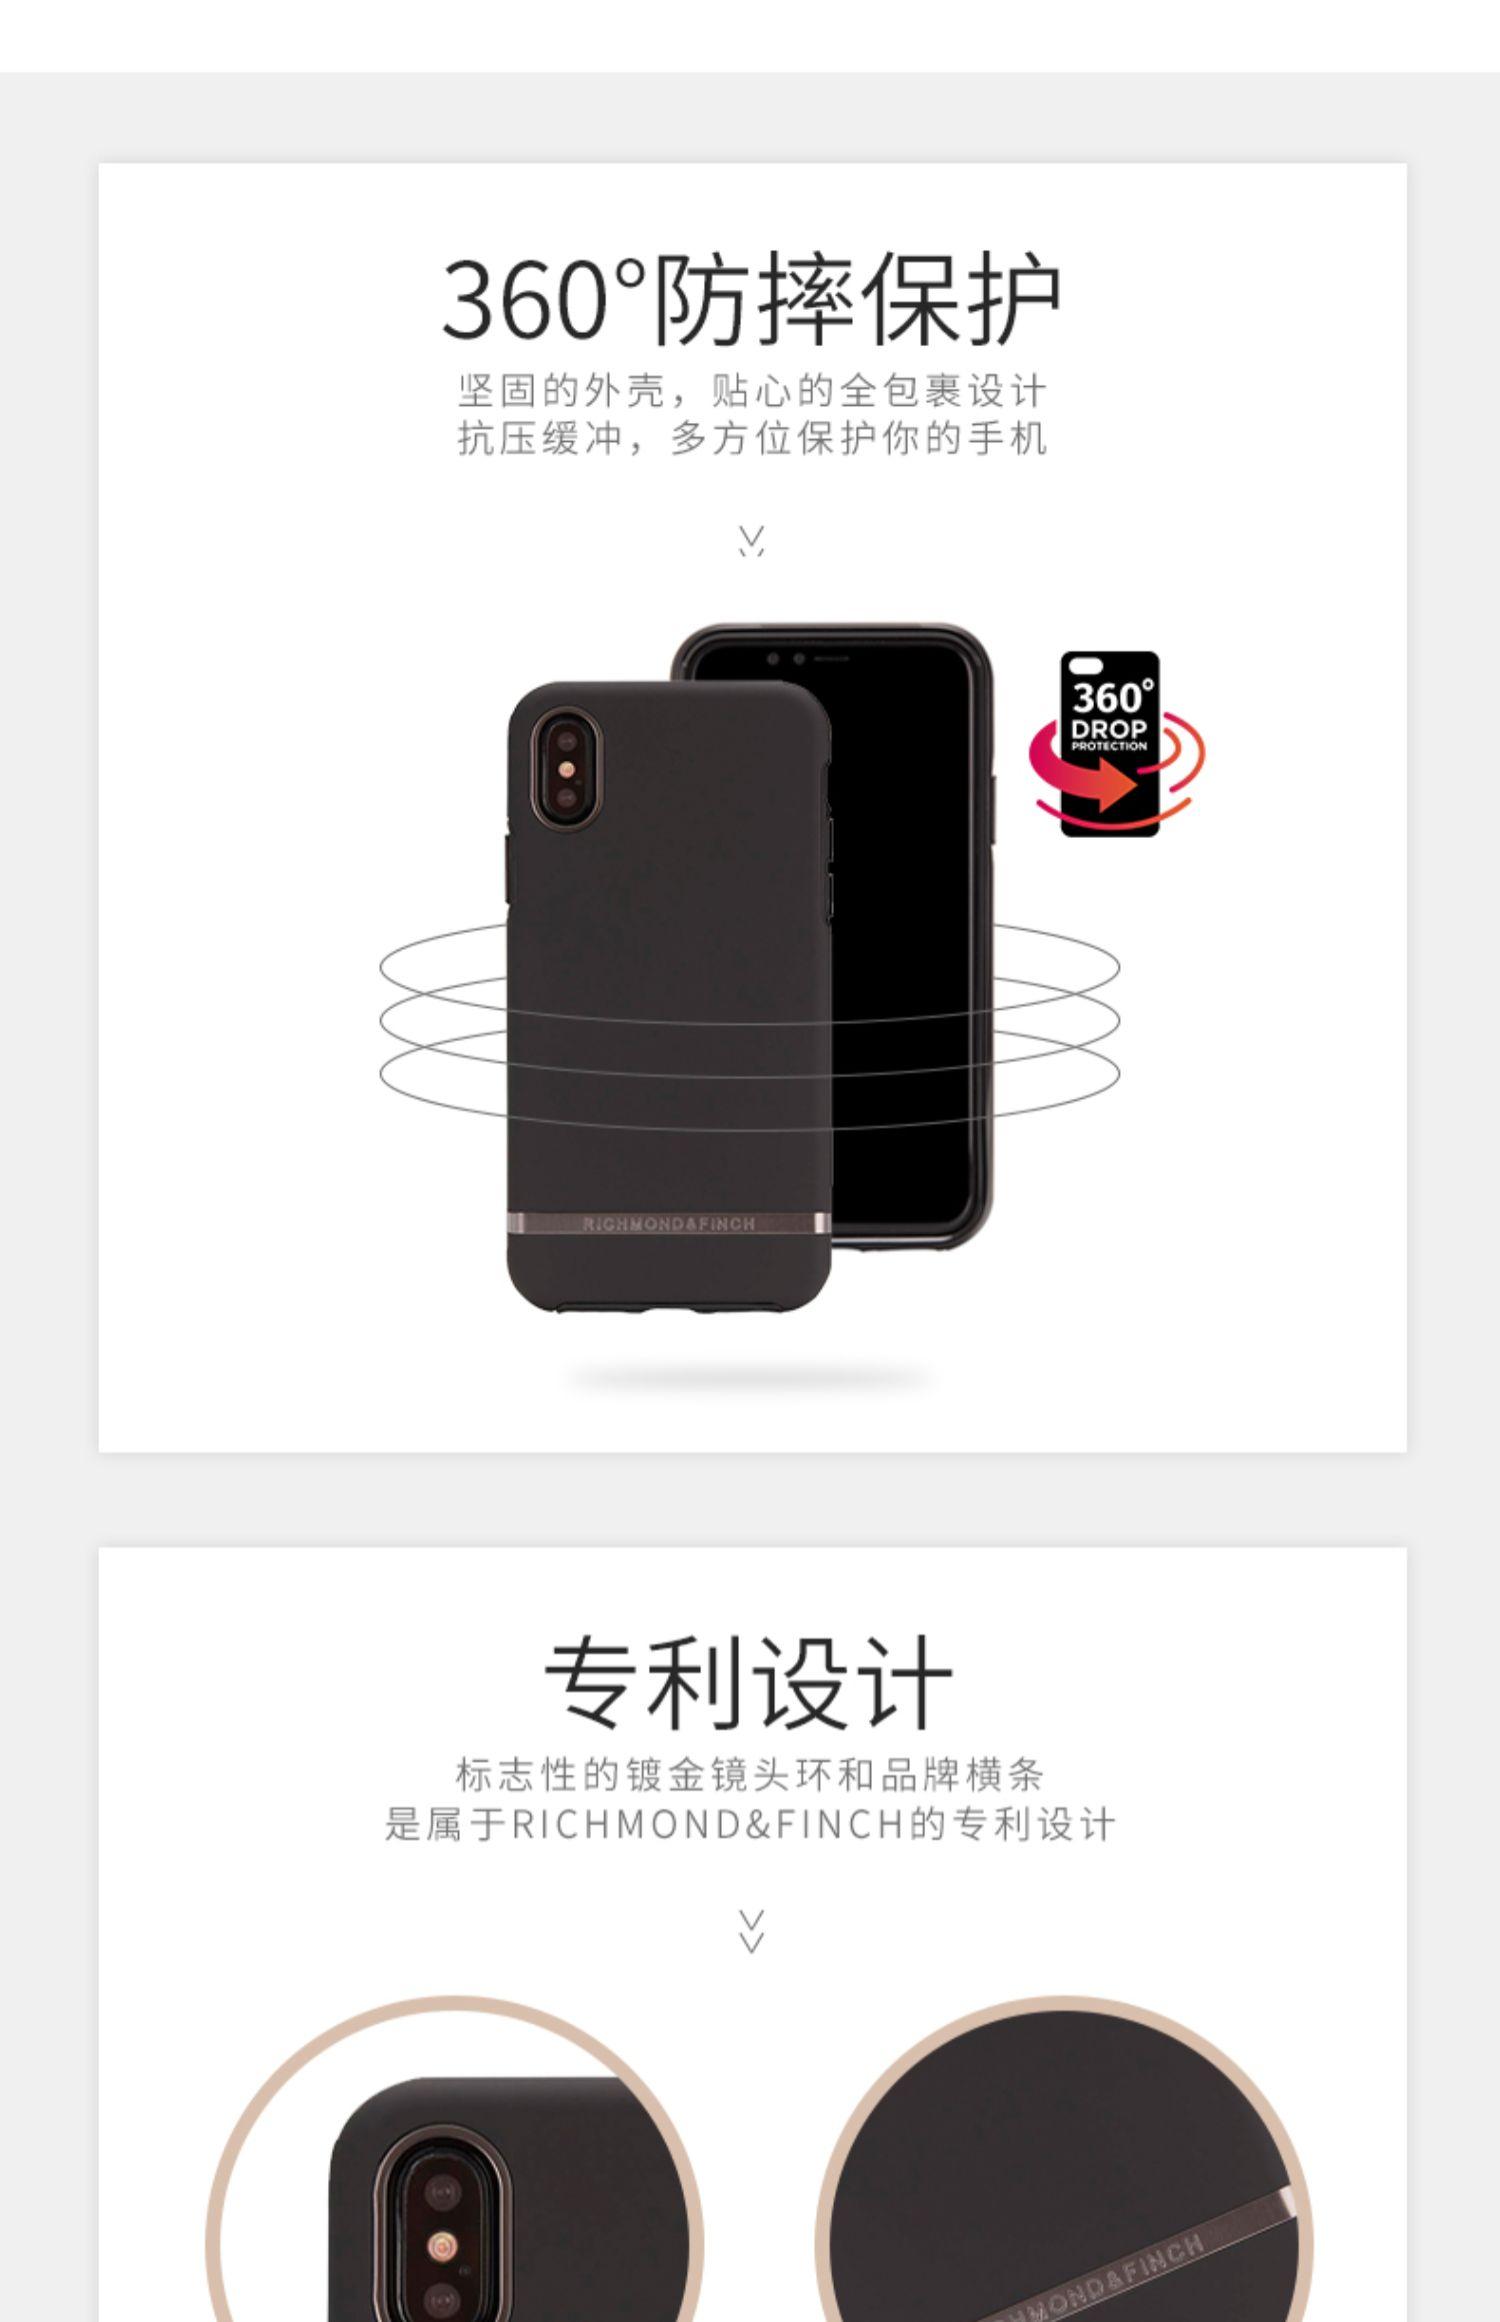 Richmond&Finch 自由系列 iPhone XR瑞典轻奢网红手机保护壳商品详情图